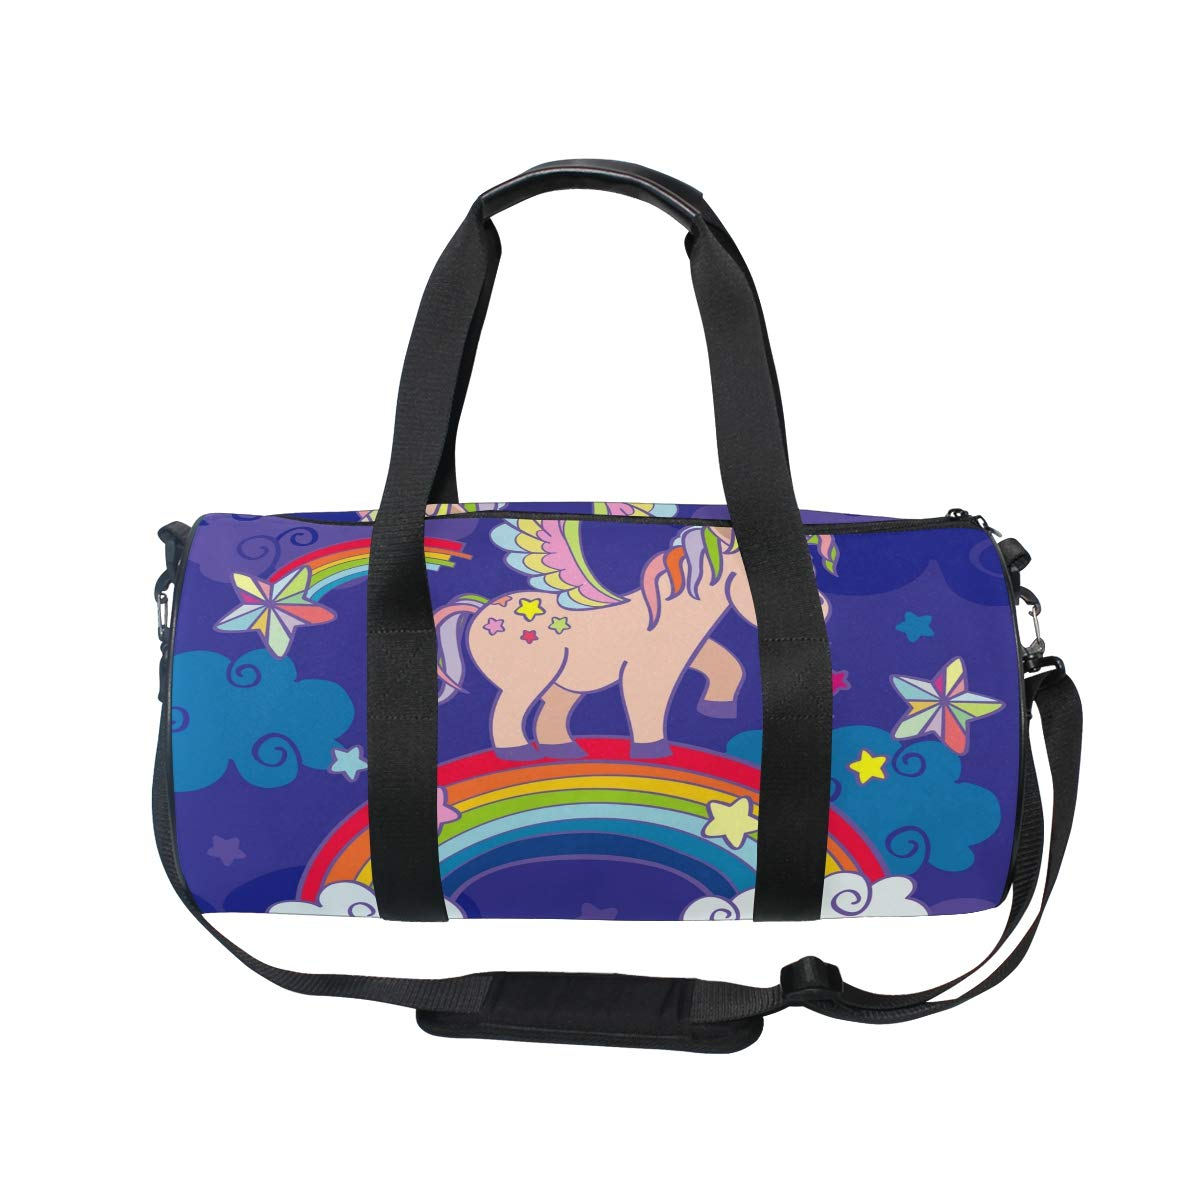 WIHVE Gym Duffel Bag Cute Cartoon Unicorn Rainbow Fairy Sports Lightweight Canvas Travel Luggage Bag